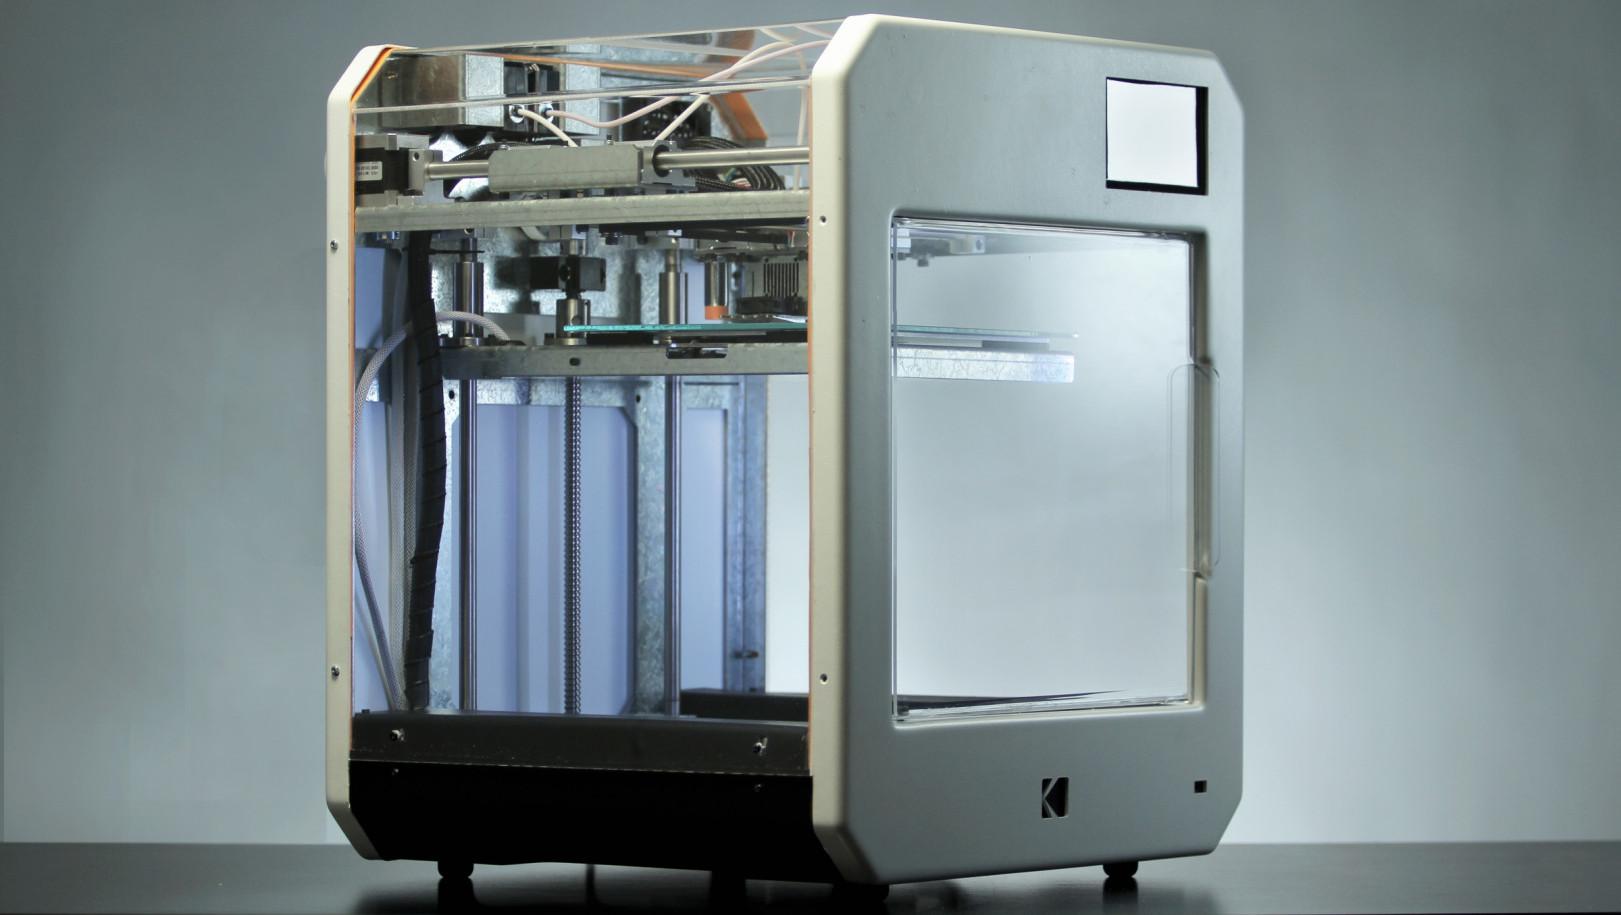 Kodak Launches Portrait 3D Printer With Unbeatable Pre-Sale Offer | All3DP